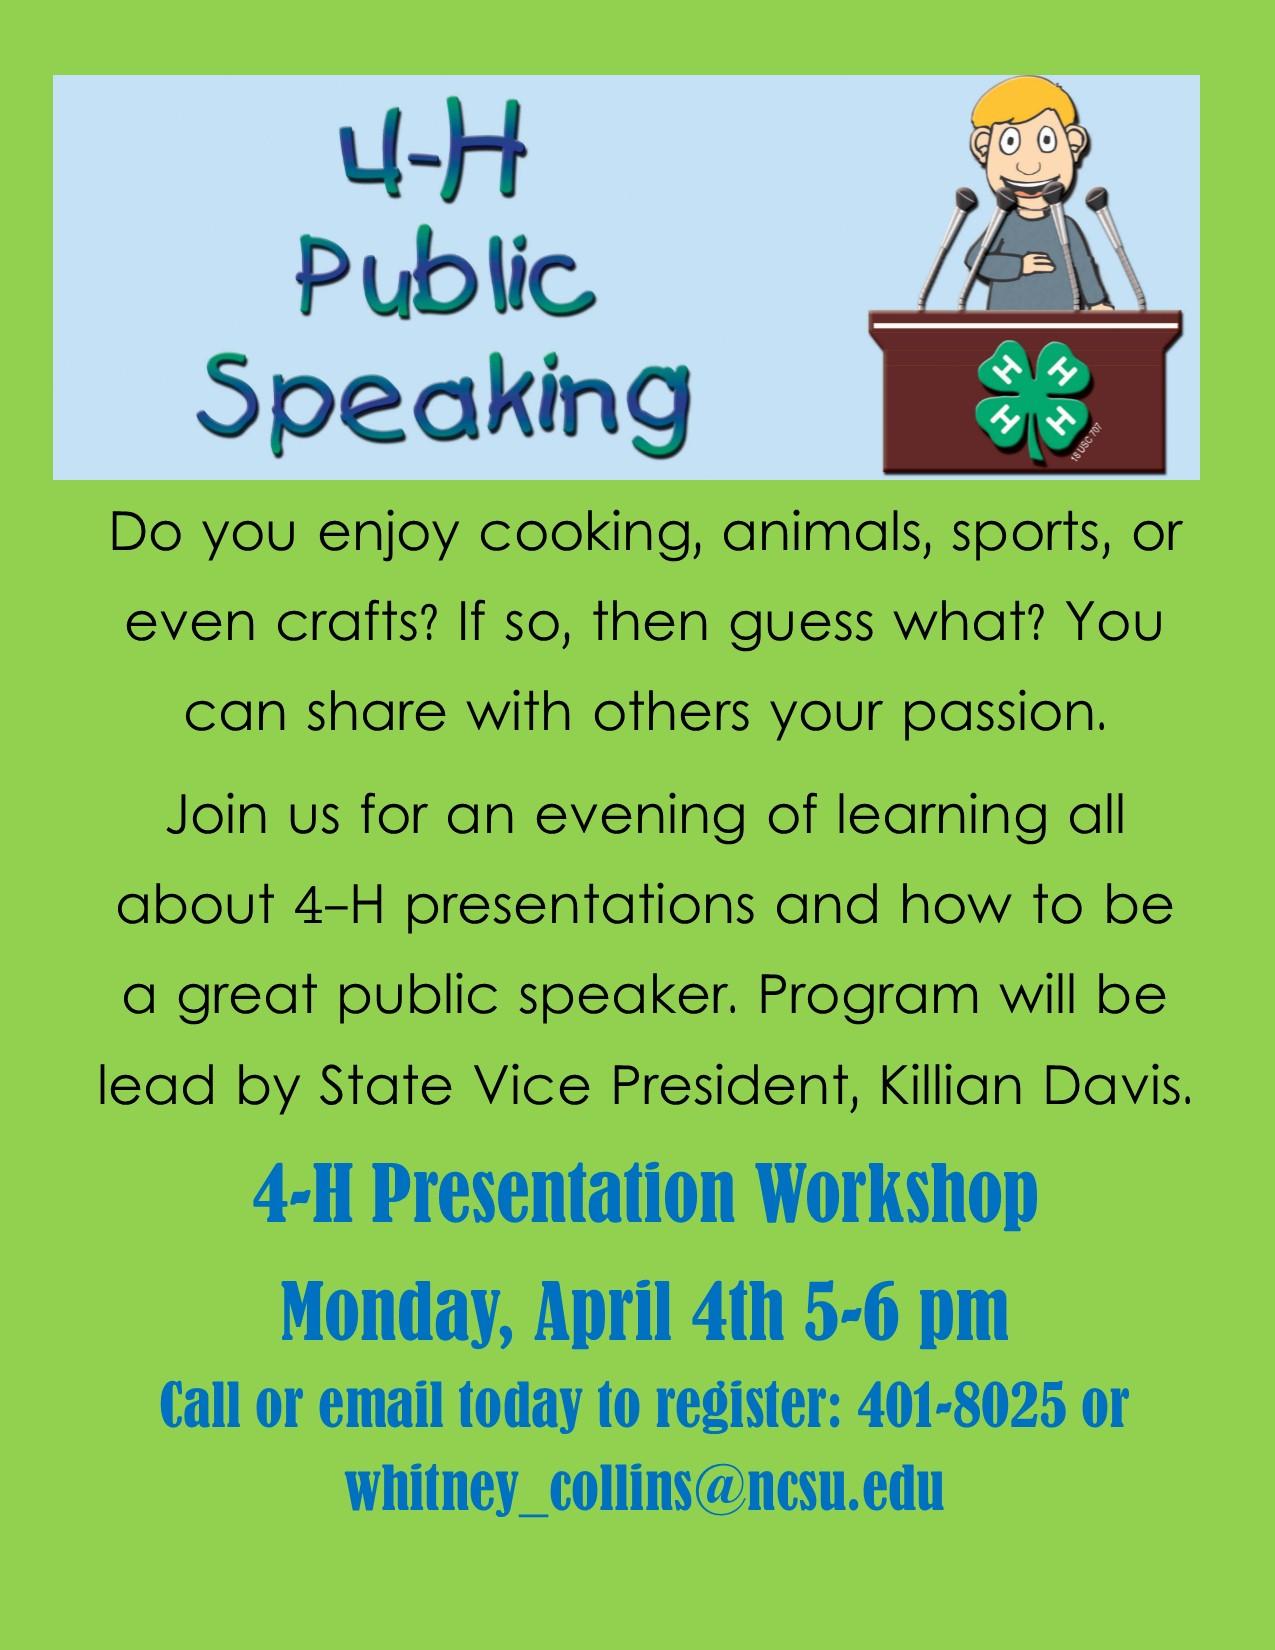 4-H Presentation Workshop